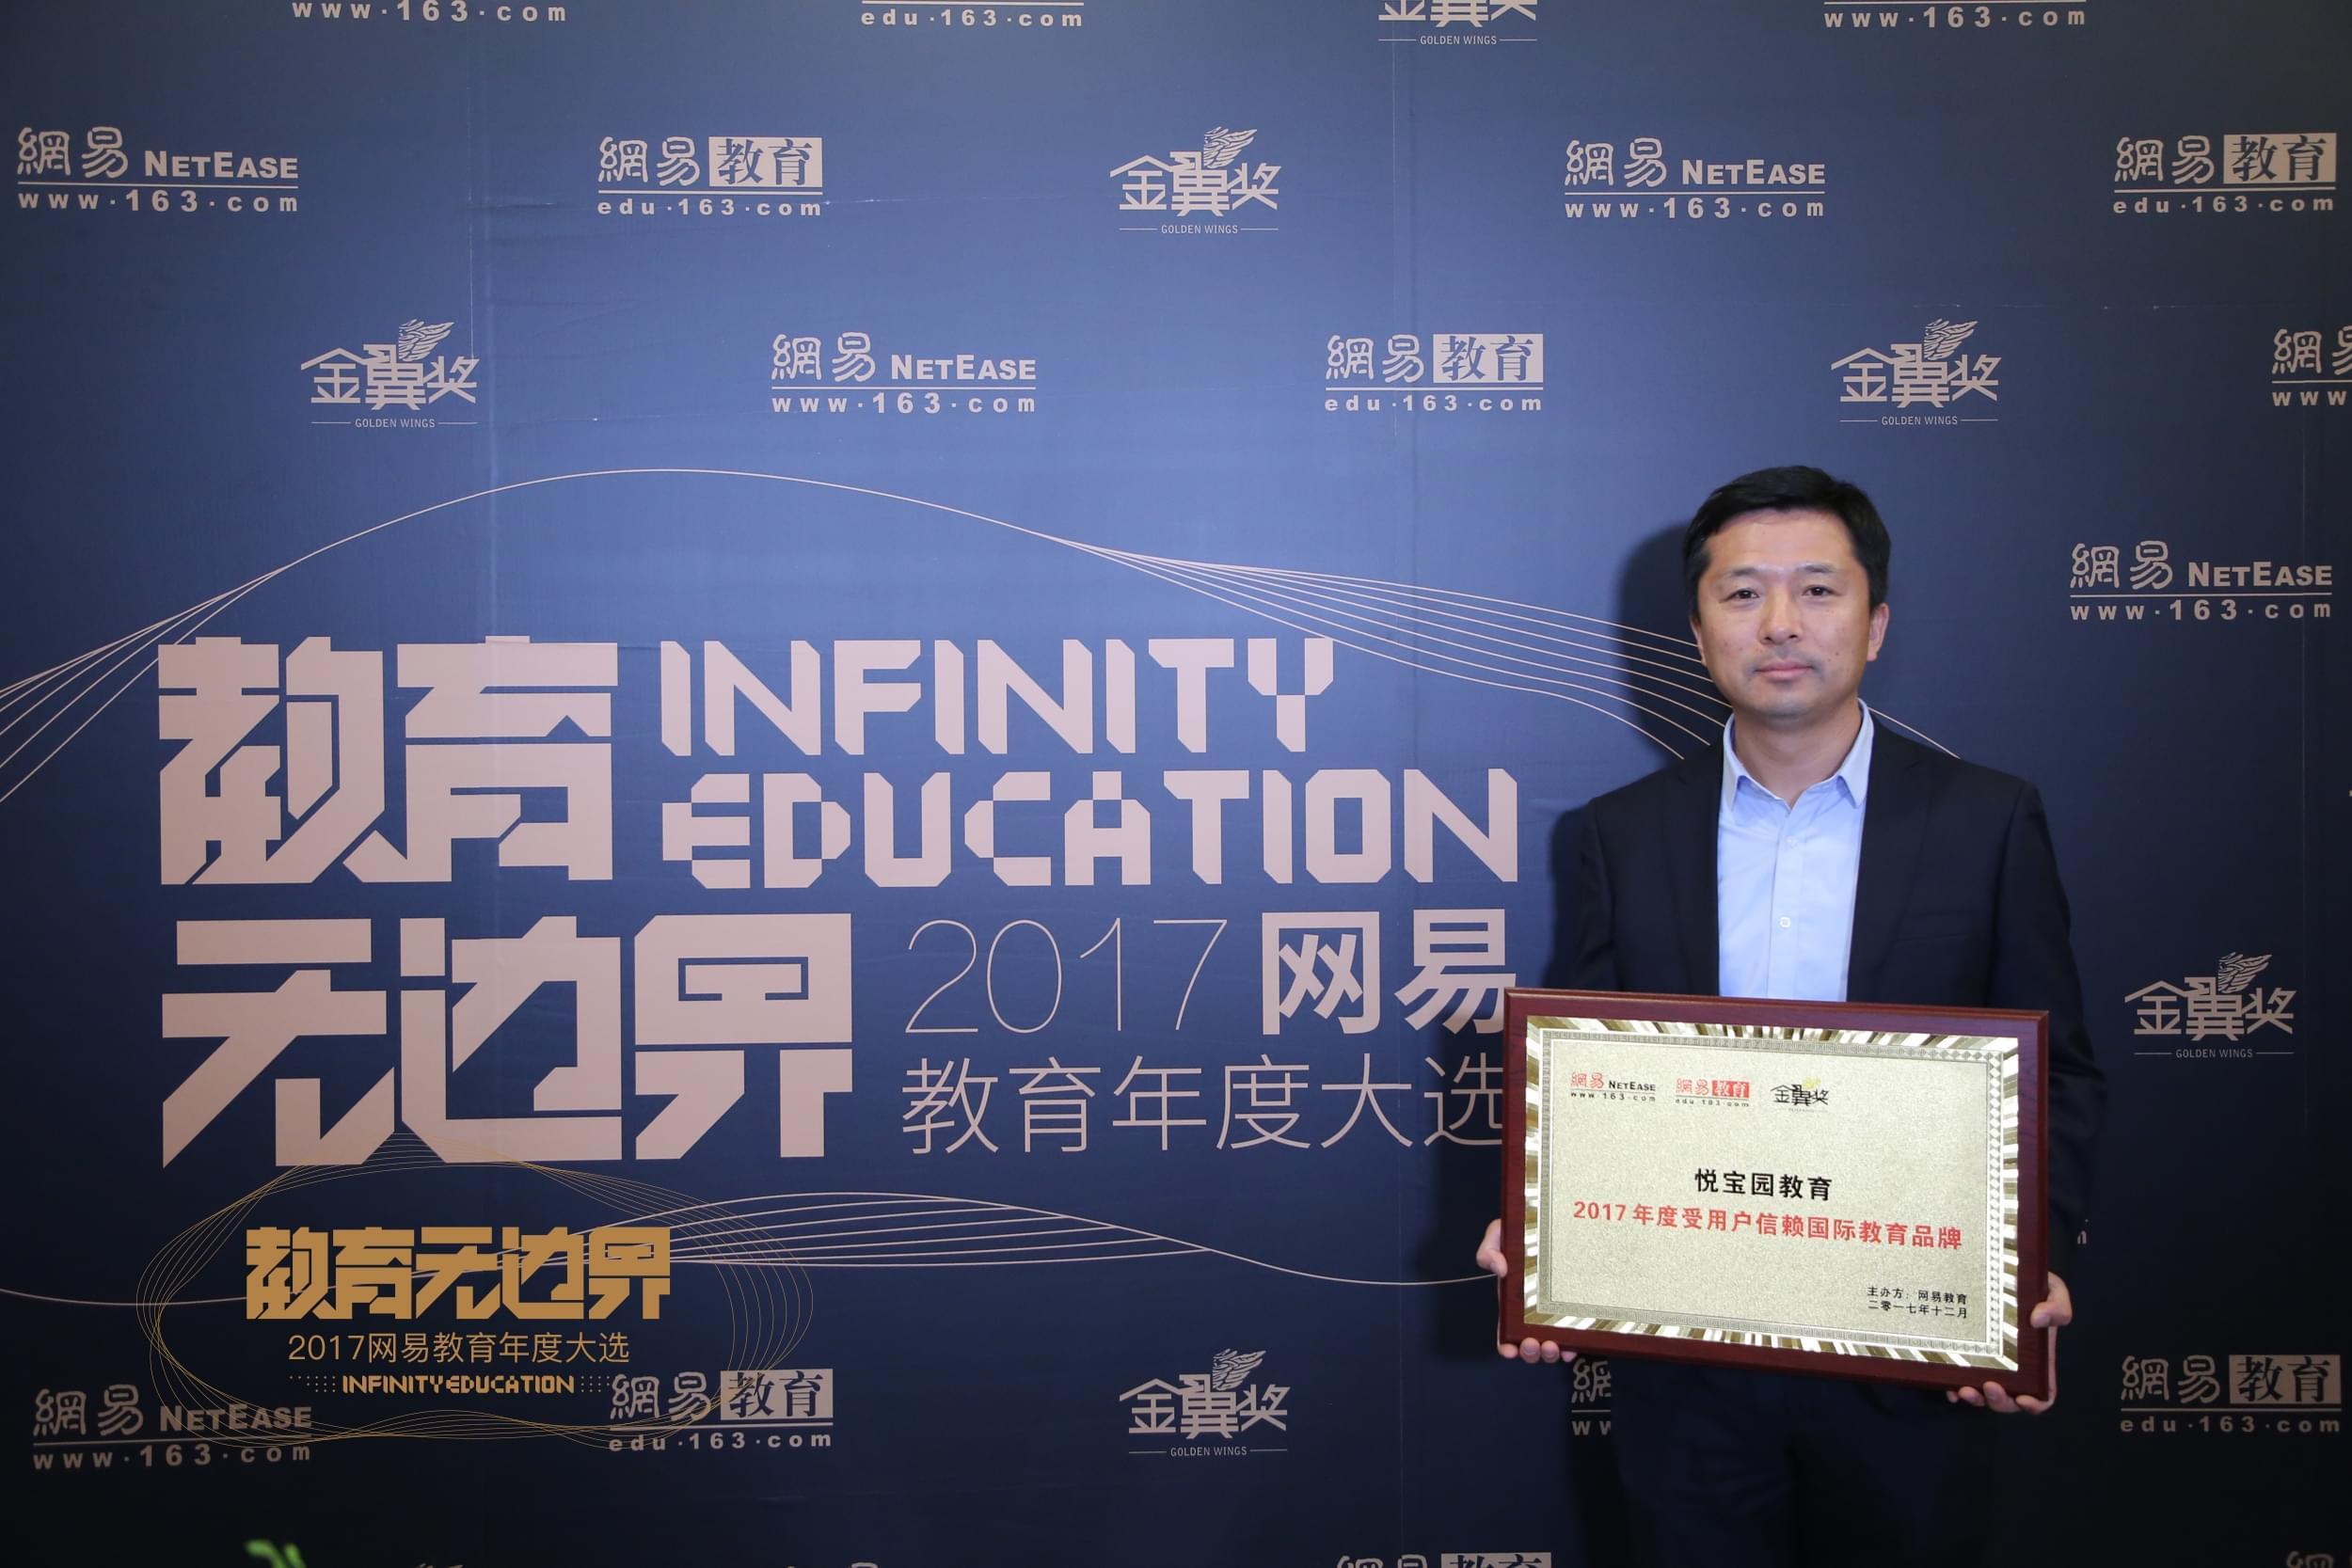 悦宝园教育CEO 赵鲁印先生